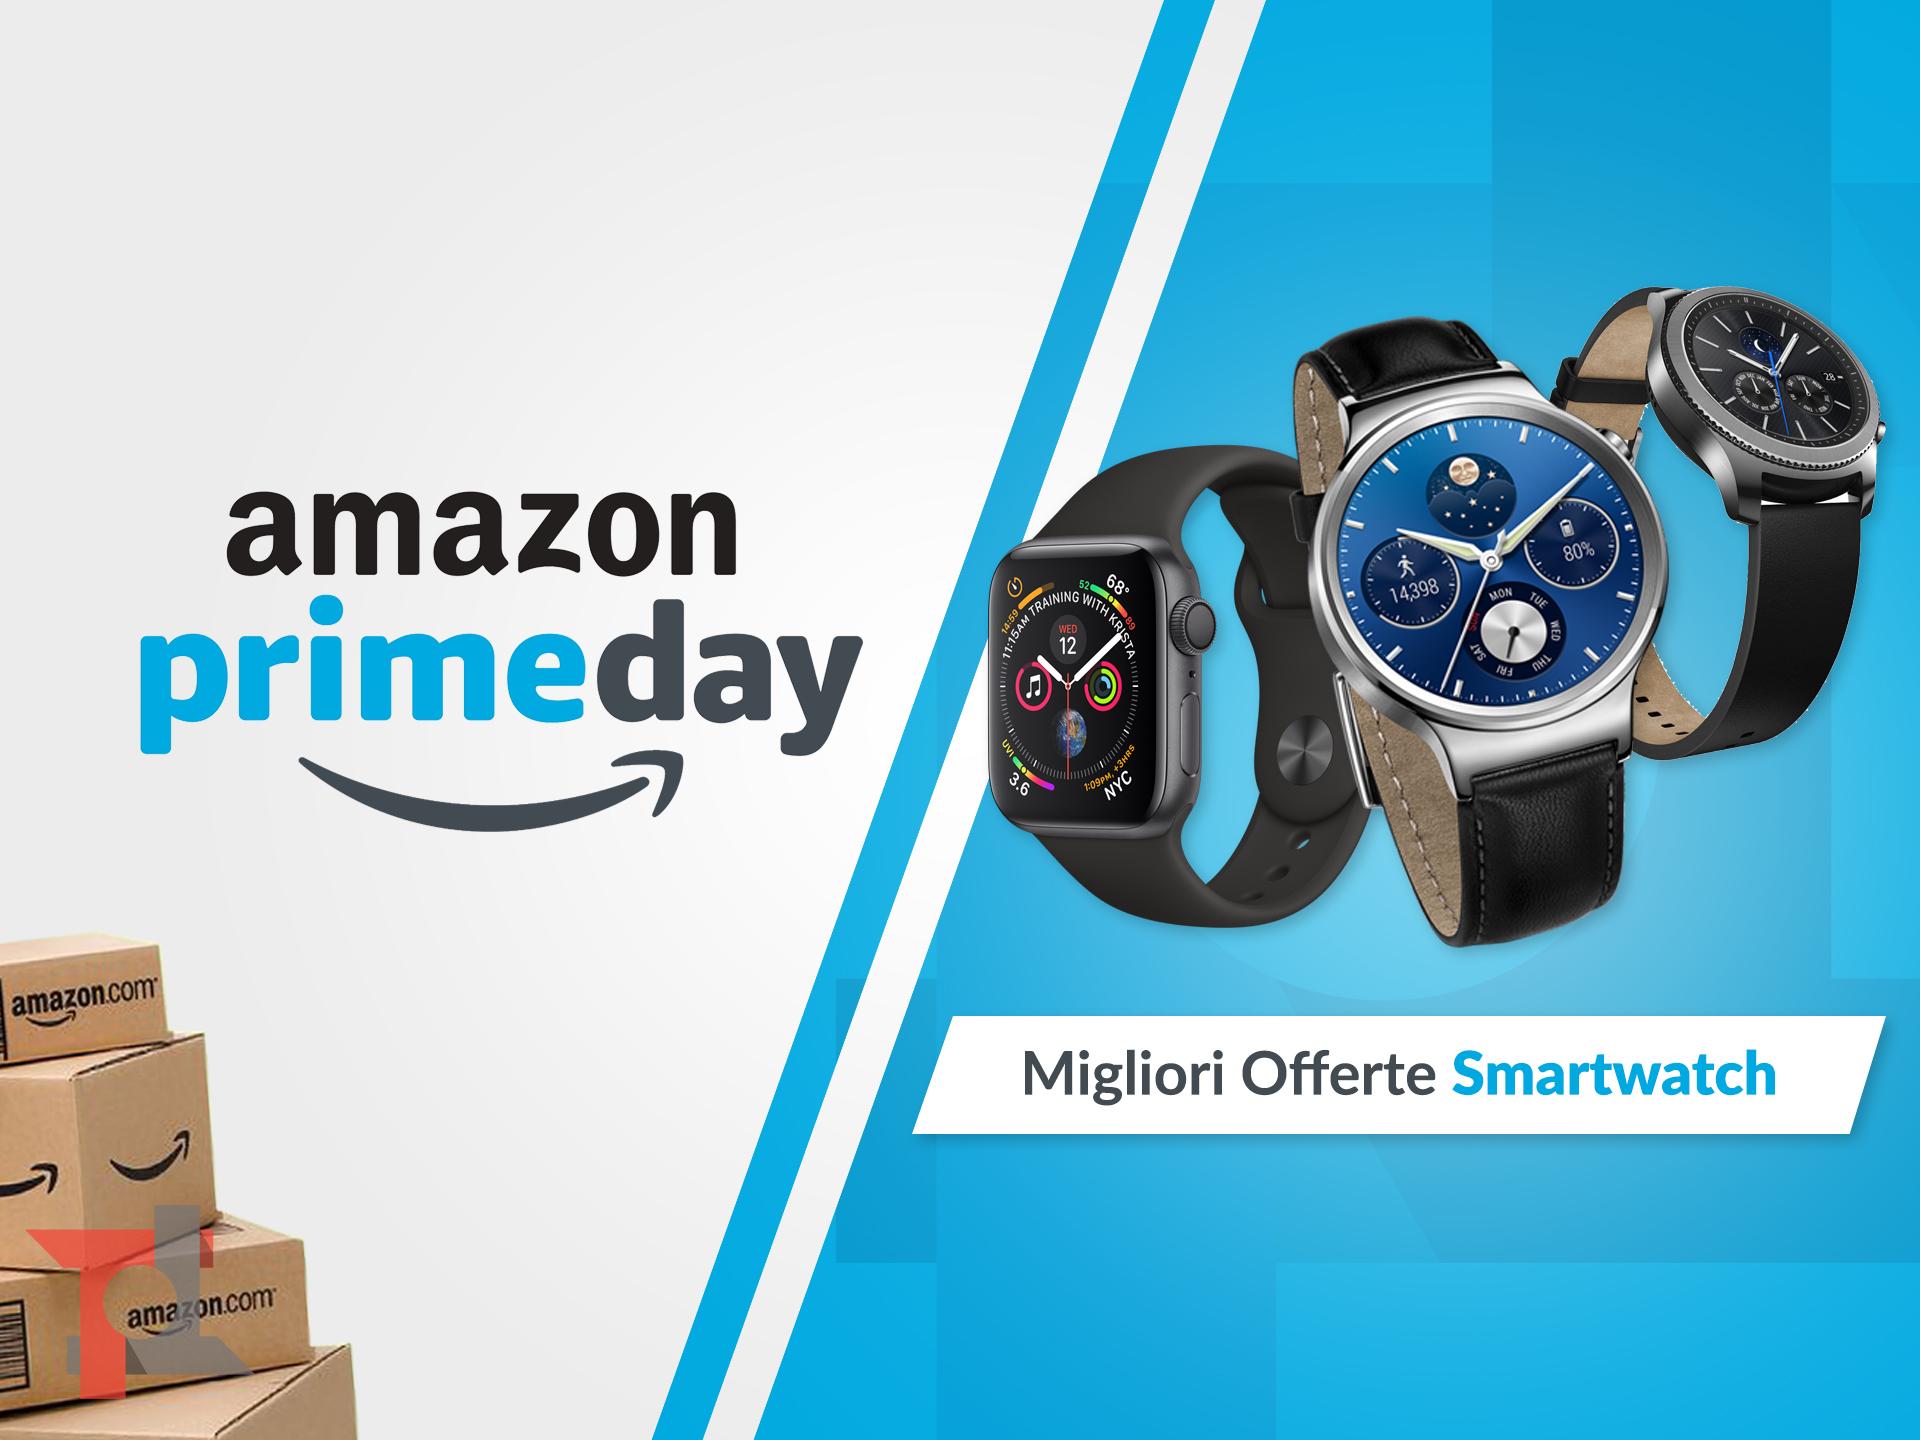 migliori offerte amazon prime day smartwatch